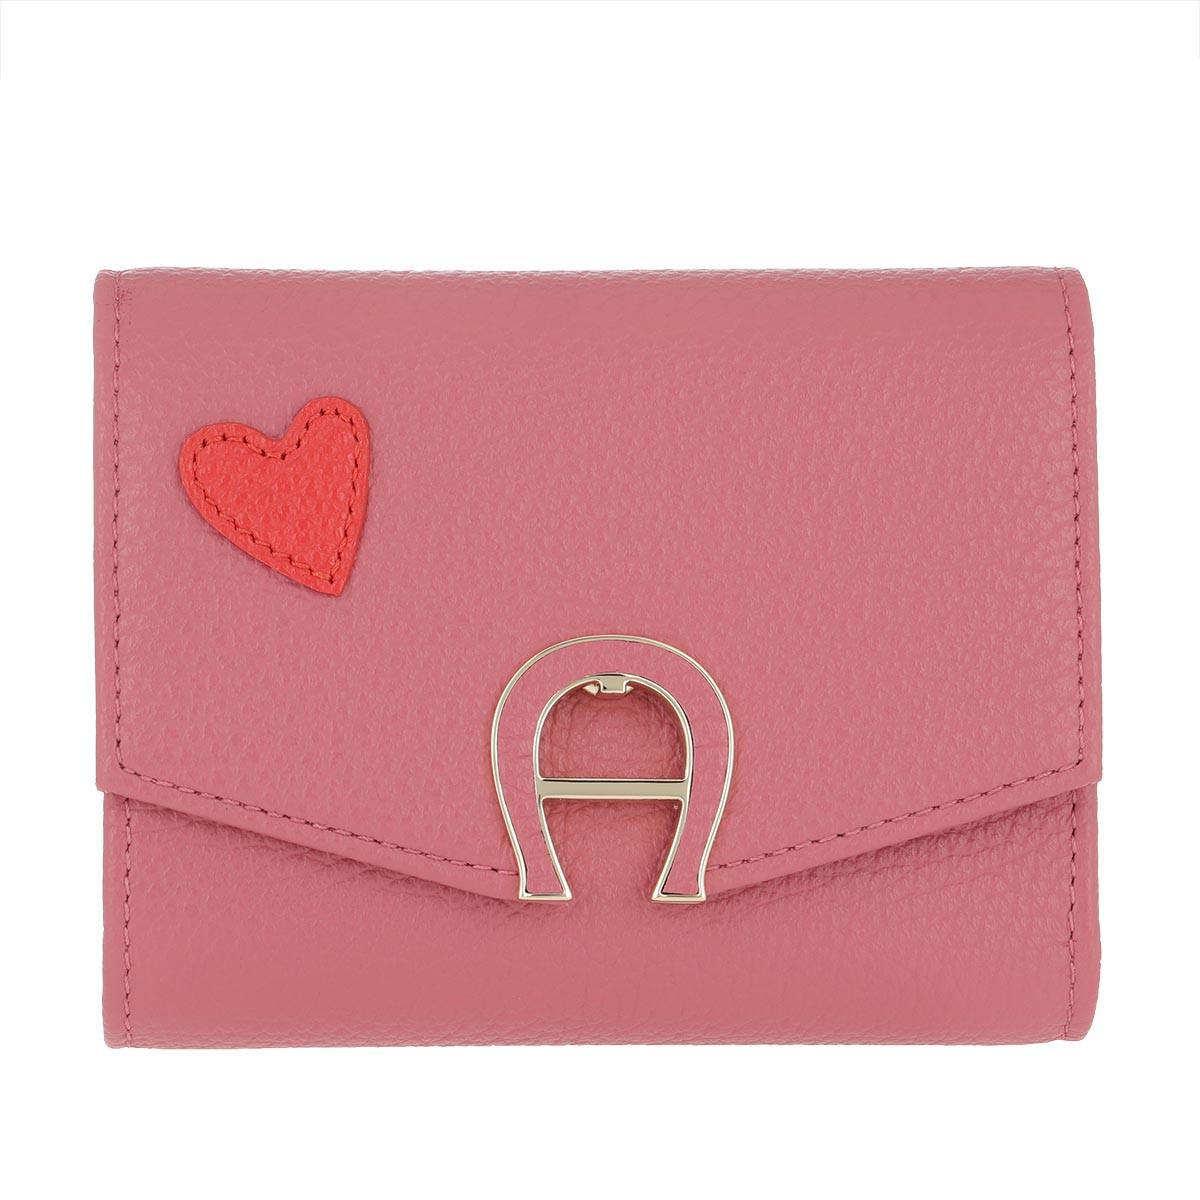 Aigner Portemonnaie - Heart Fashion Wallet Dusty Rose - in pink - für Damen